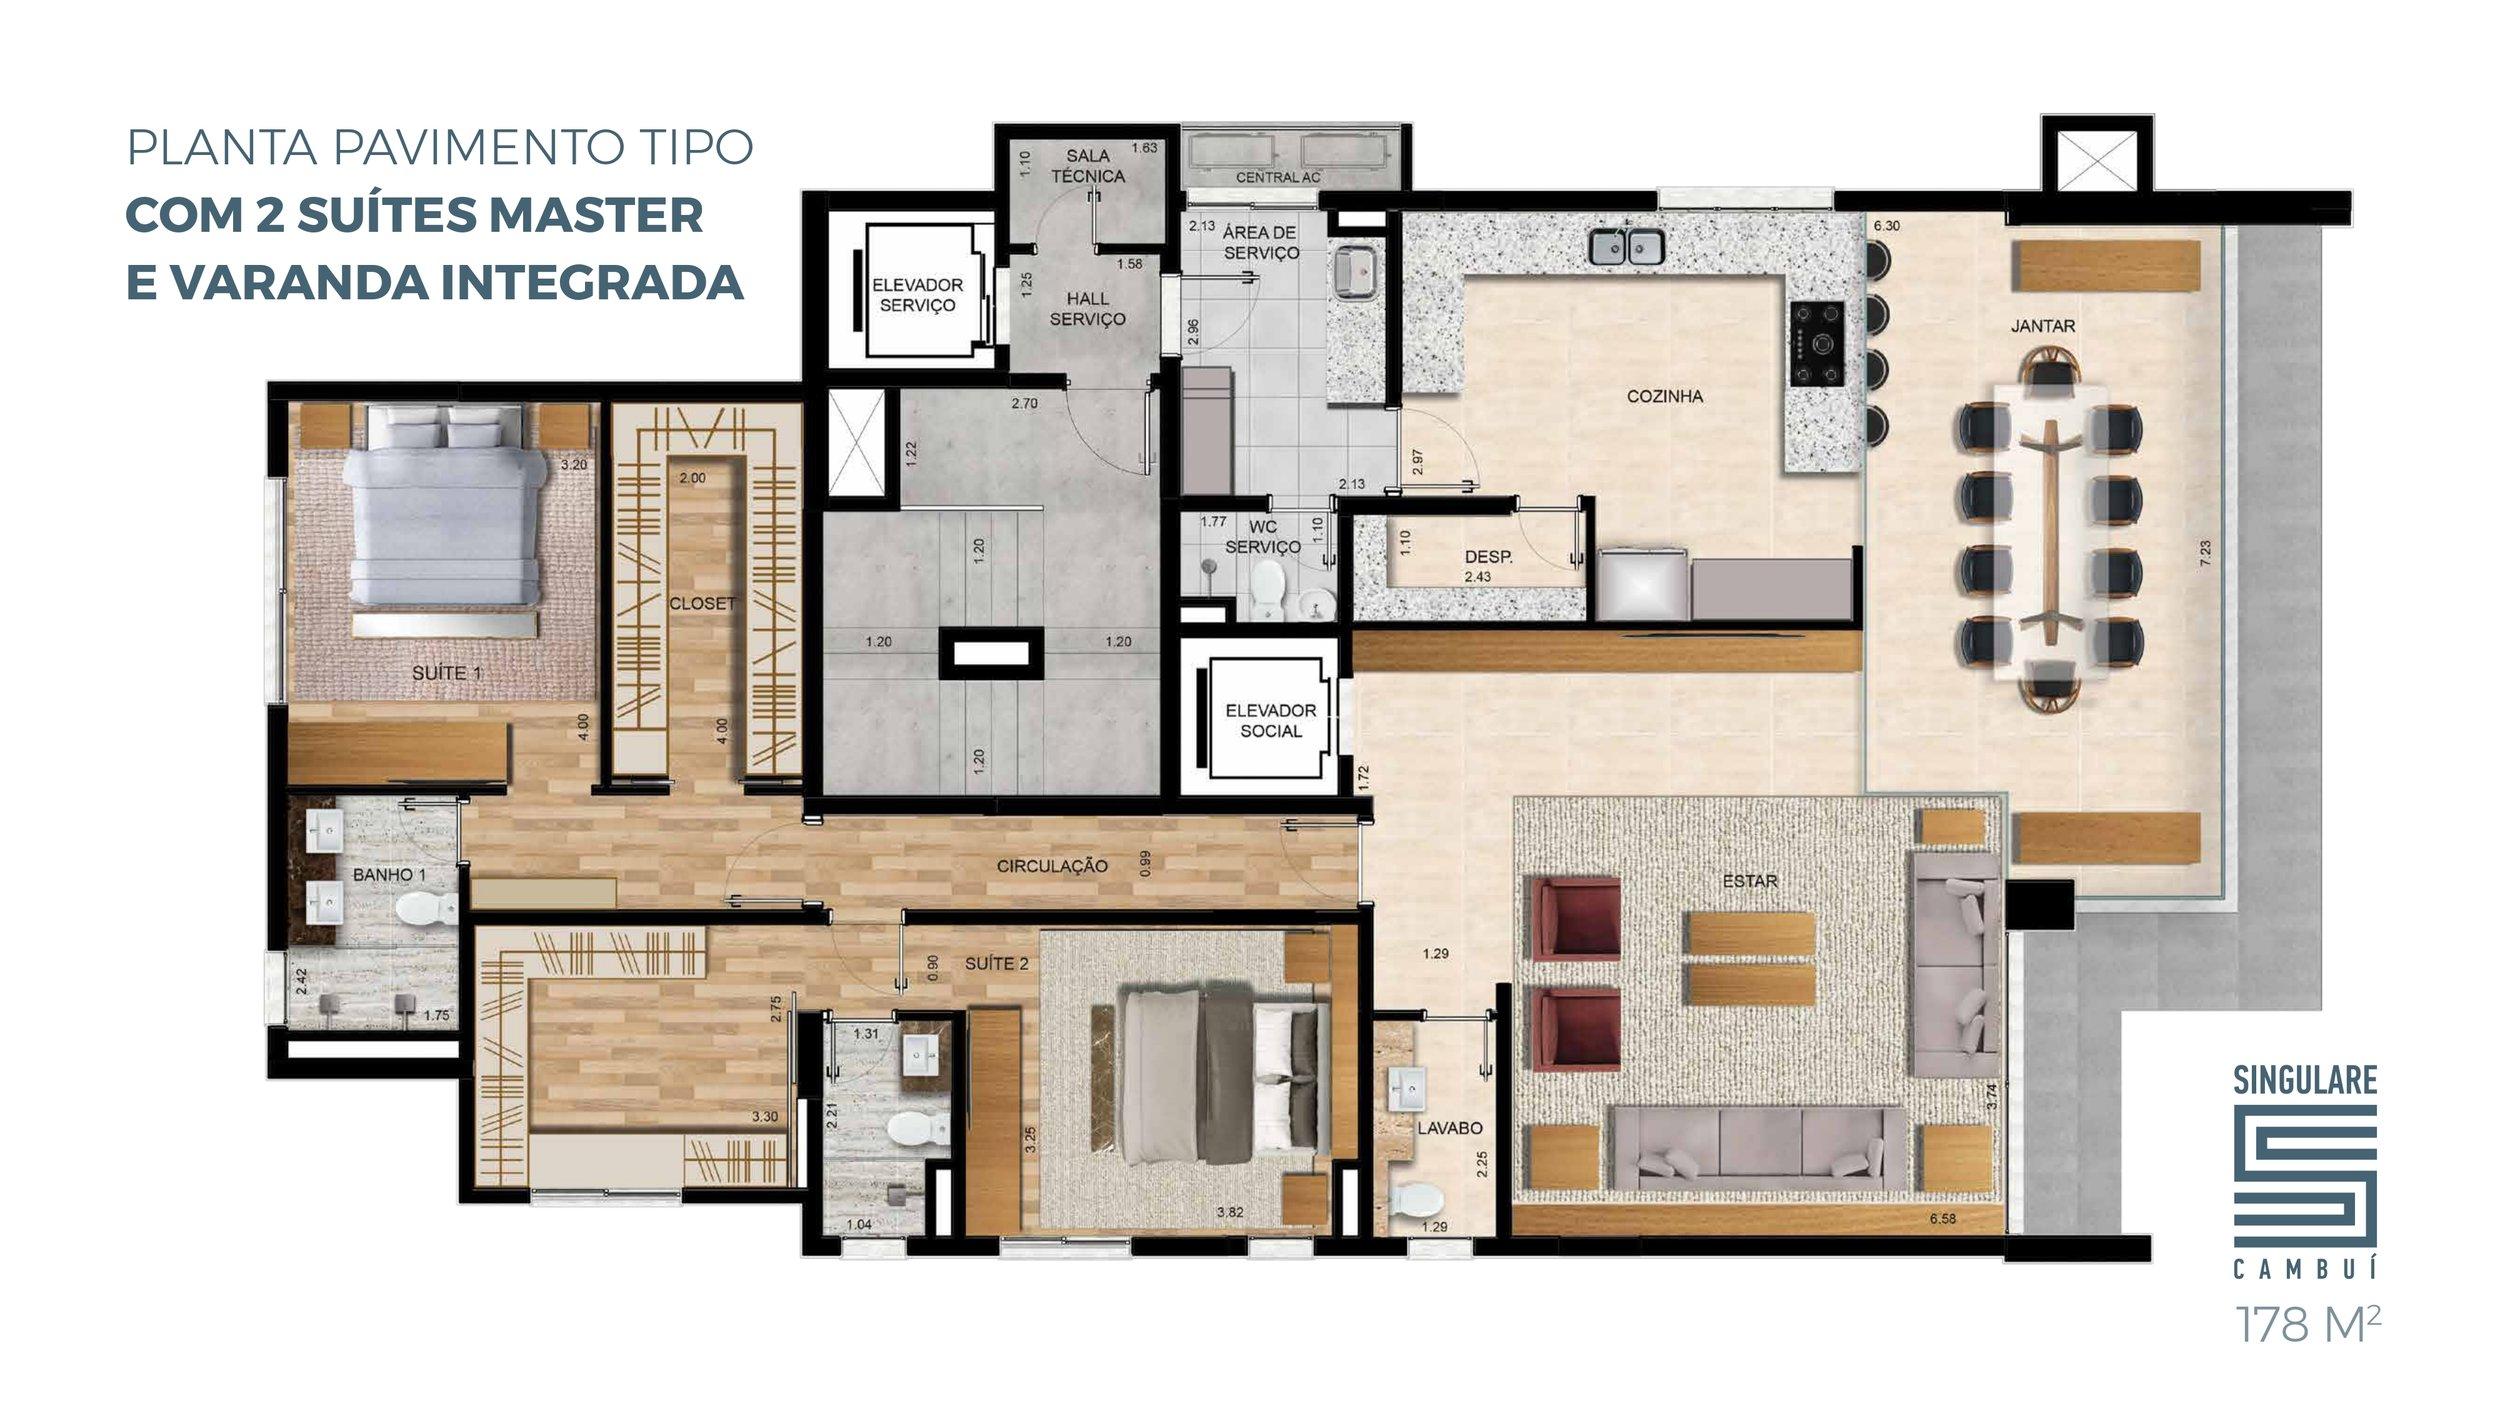 planta 2 suites master varanda integrada.jpg